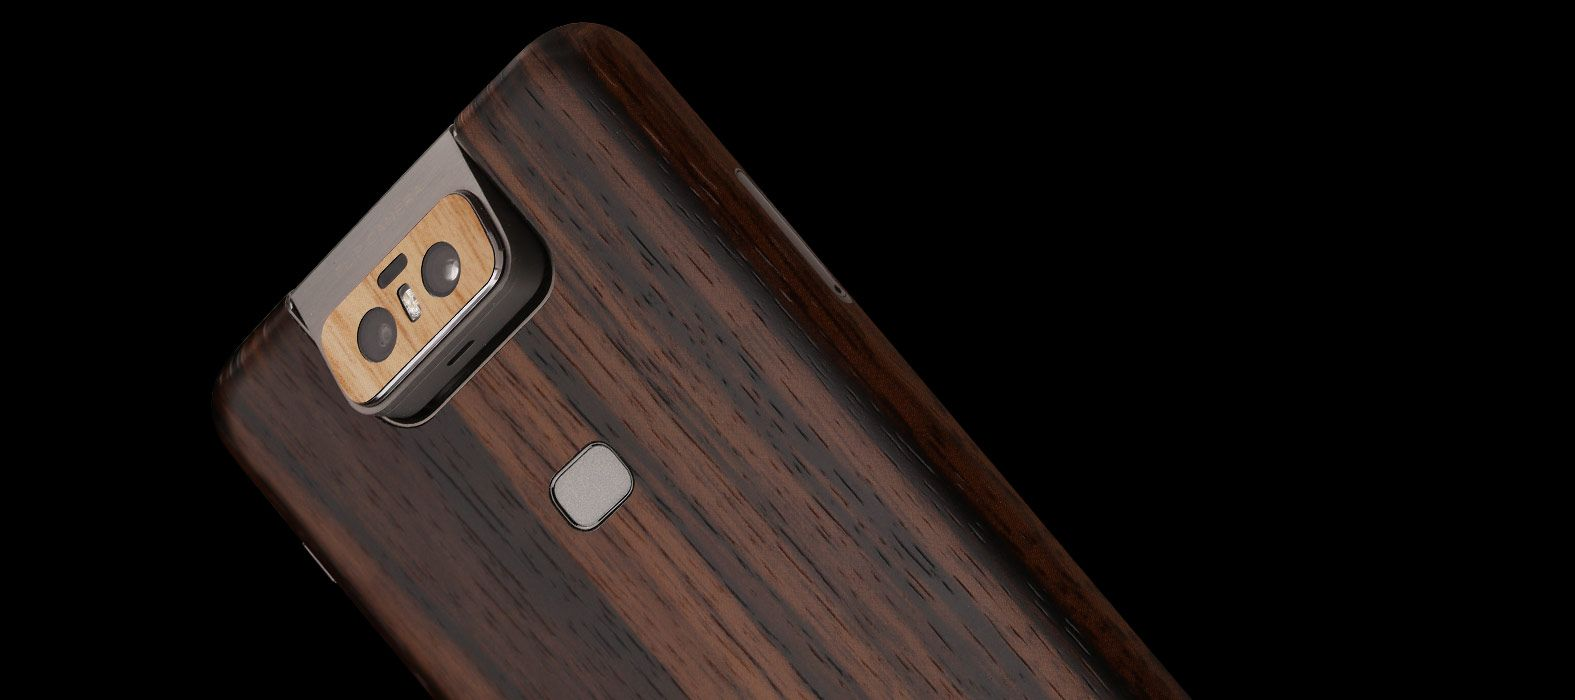 Asus Zenfone 6Z Ebony Wood Skin